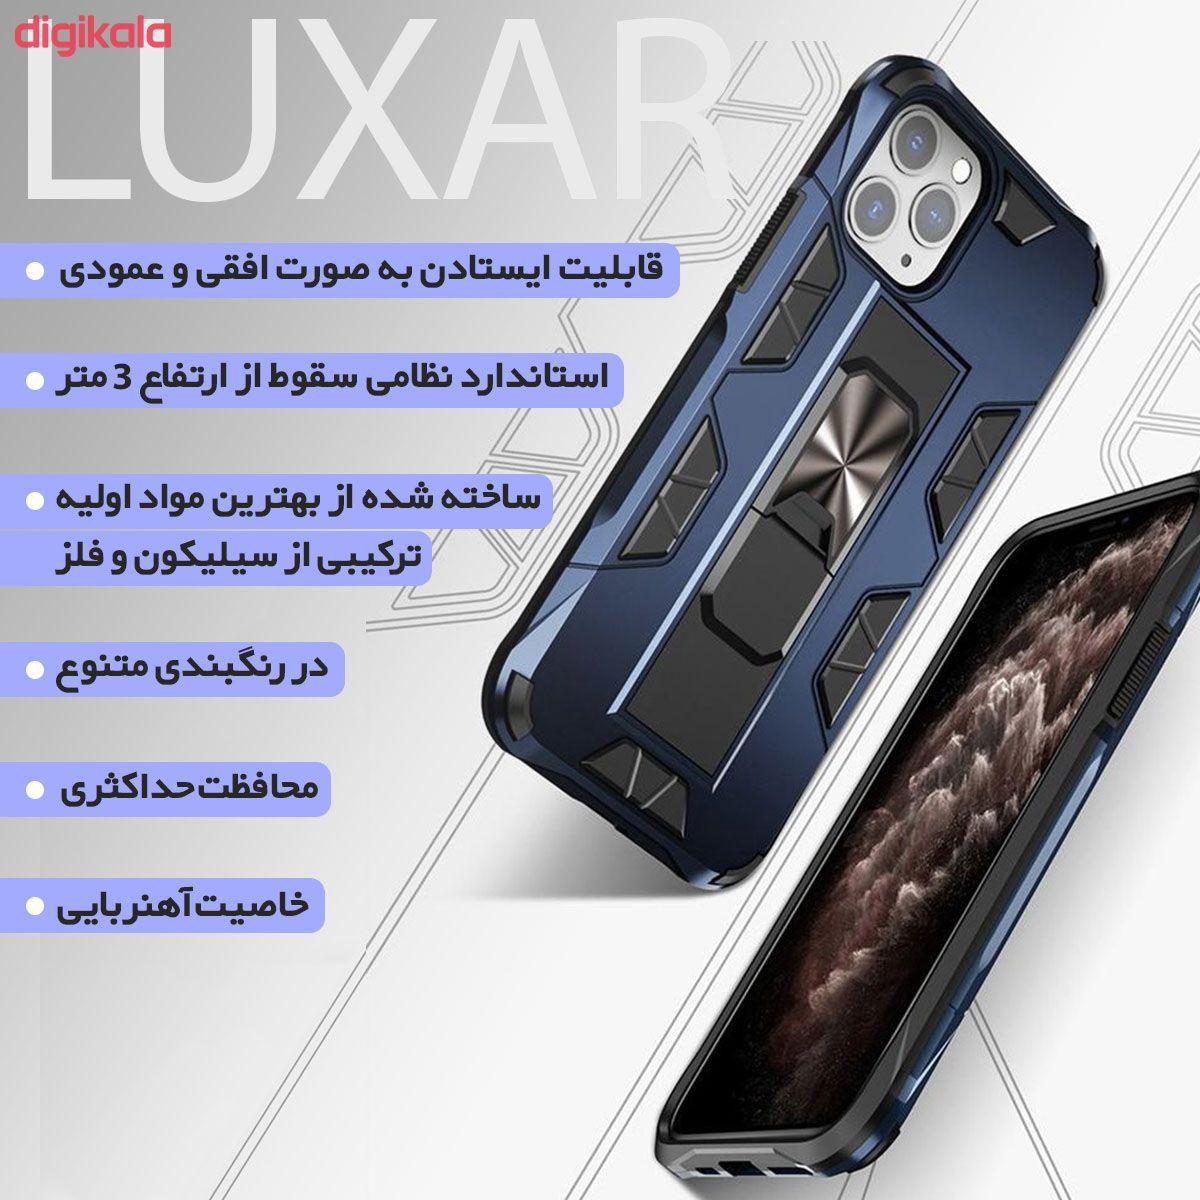 کاور لوکسار مدل Defence90s مناسب برای گوشی موبایل اپل iPhone 11 Pro main 1 13